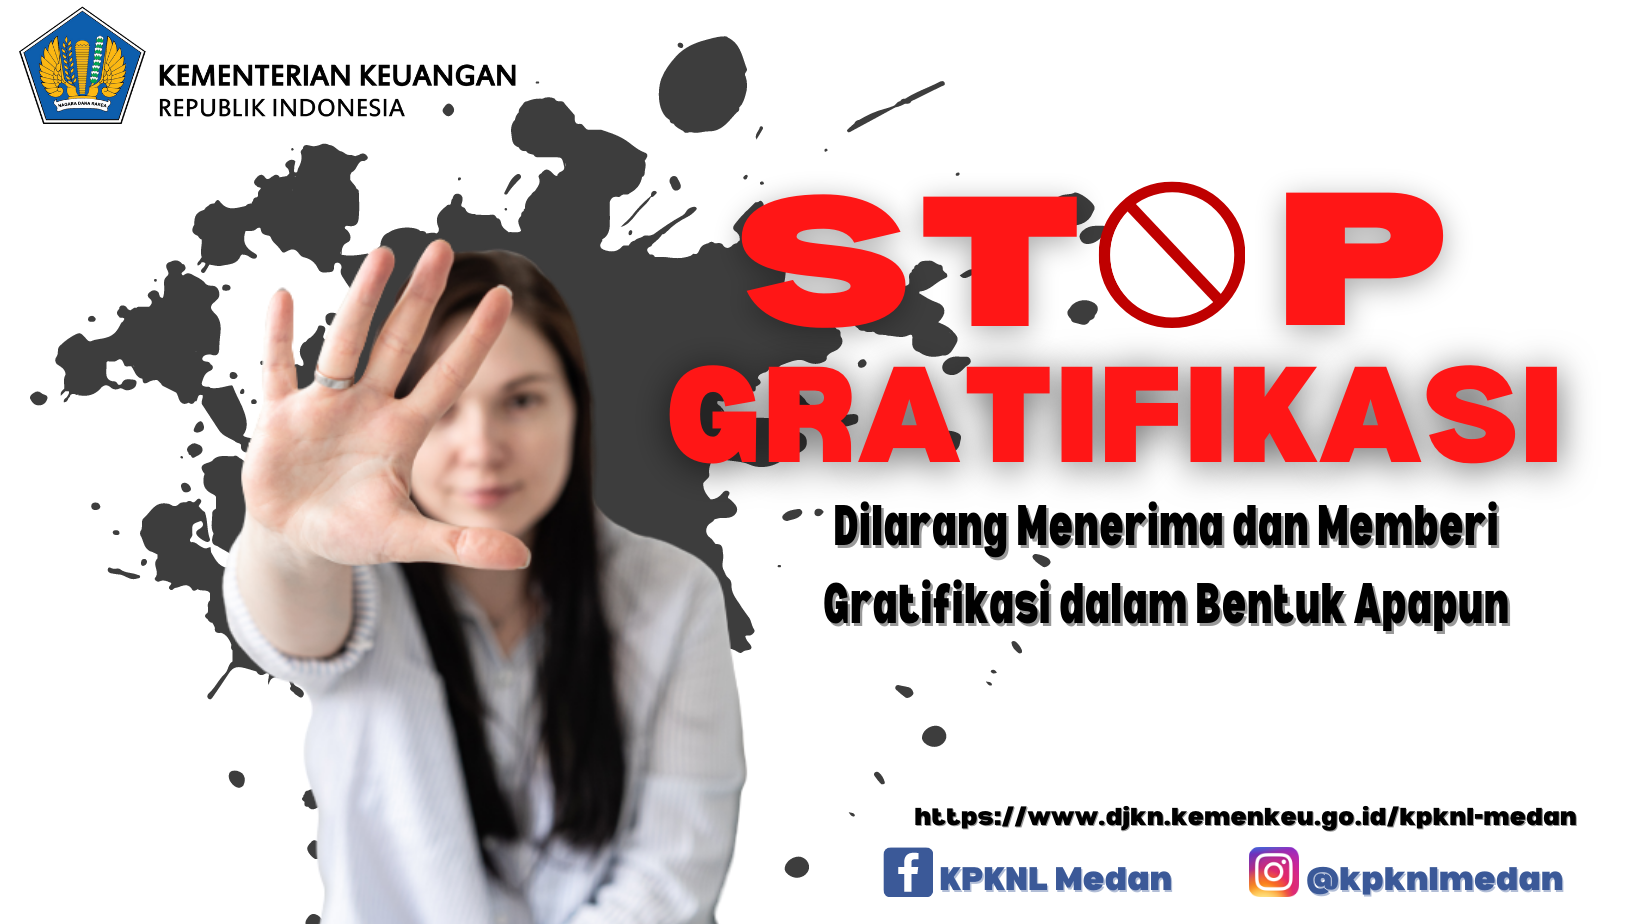 STOP GRATIFIKASI!!!